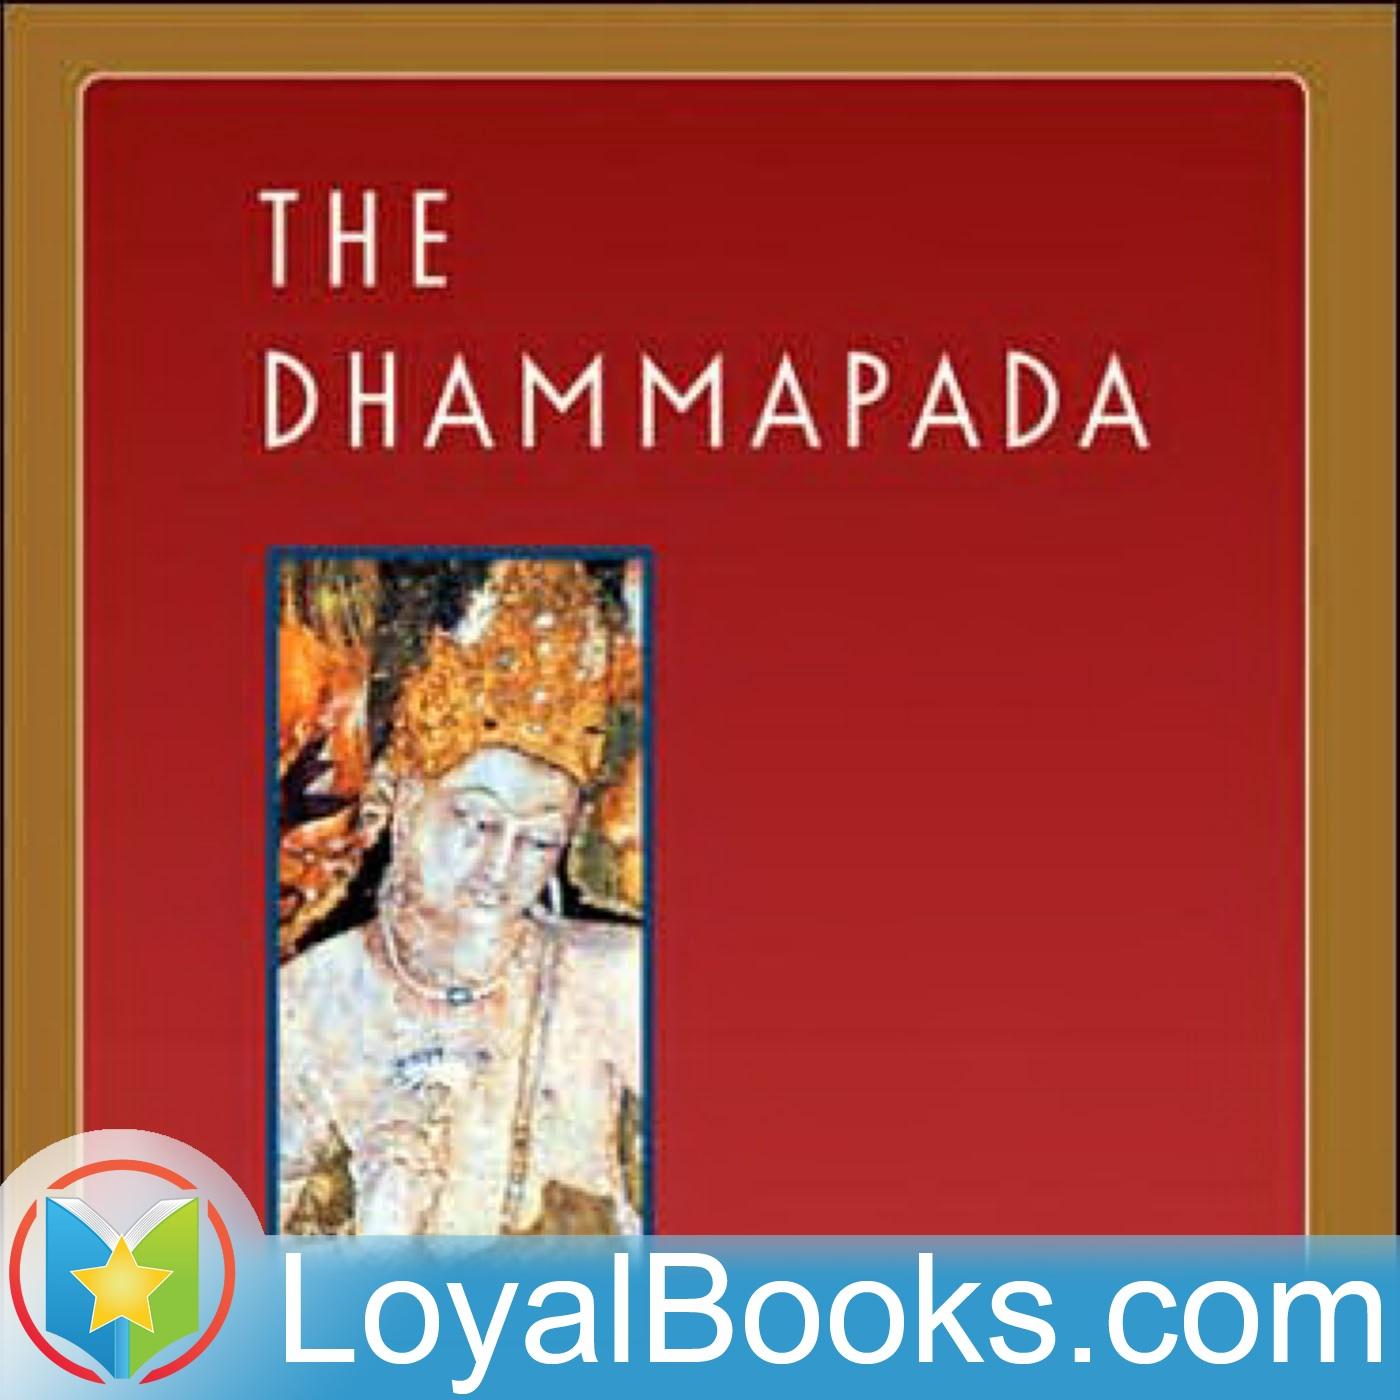 <![CDATA[The Dhammapada by Unknown]]>